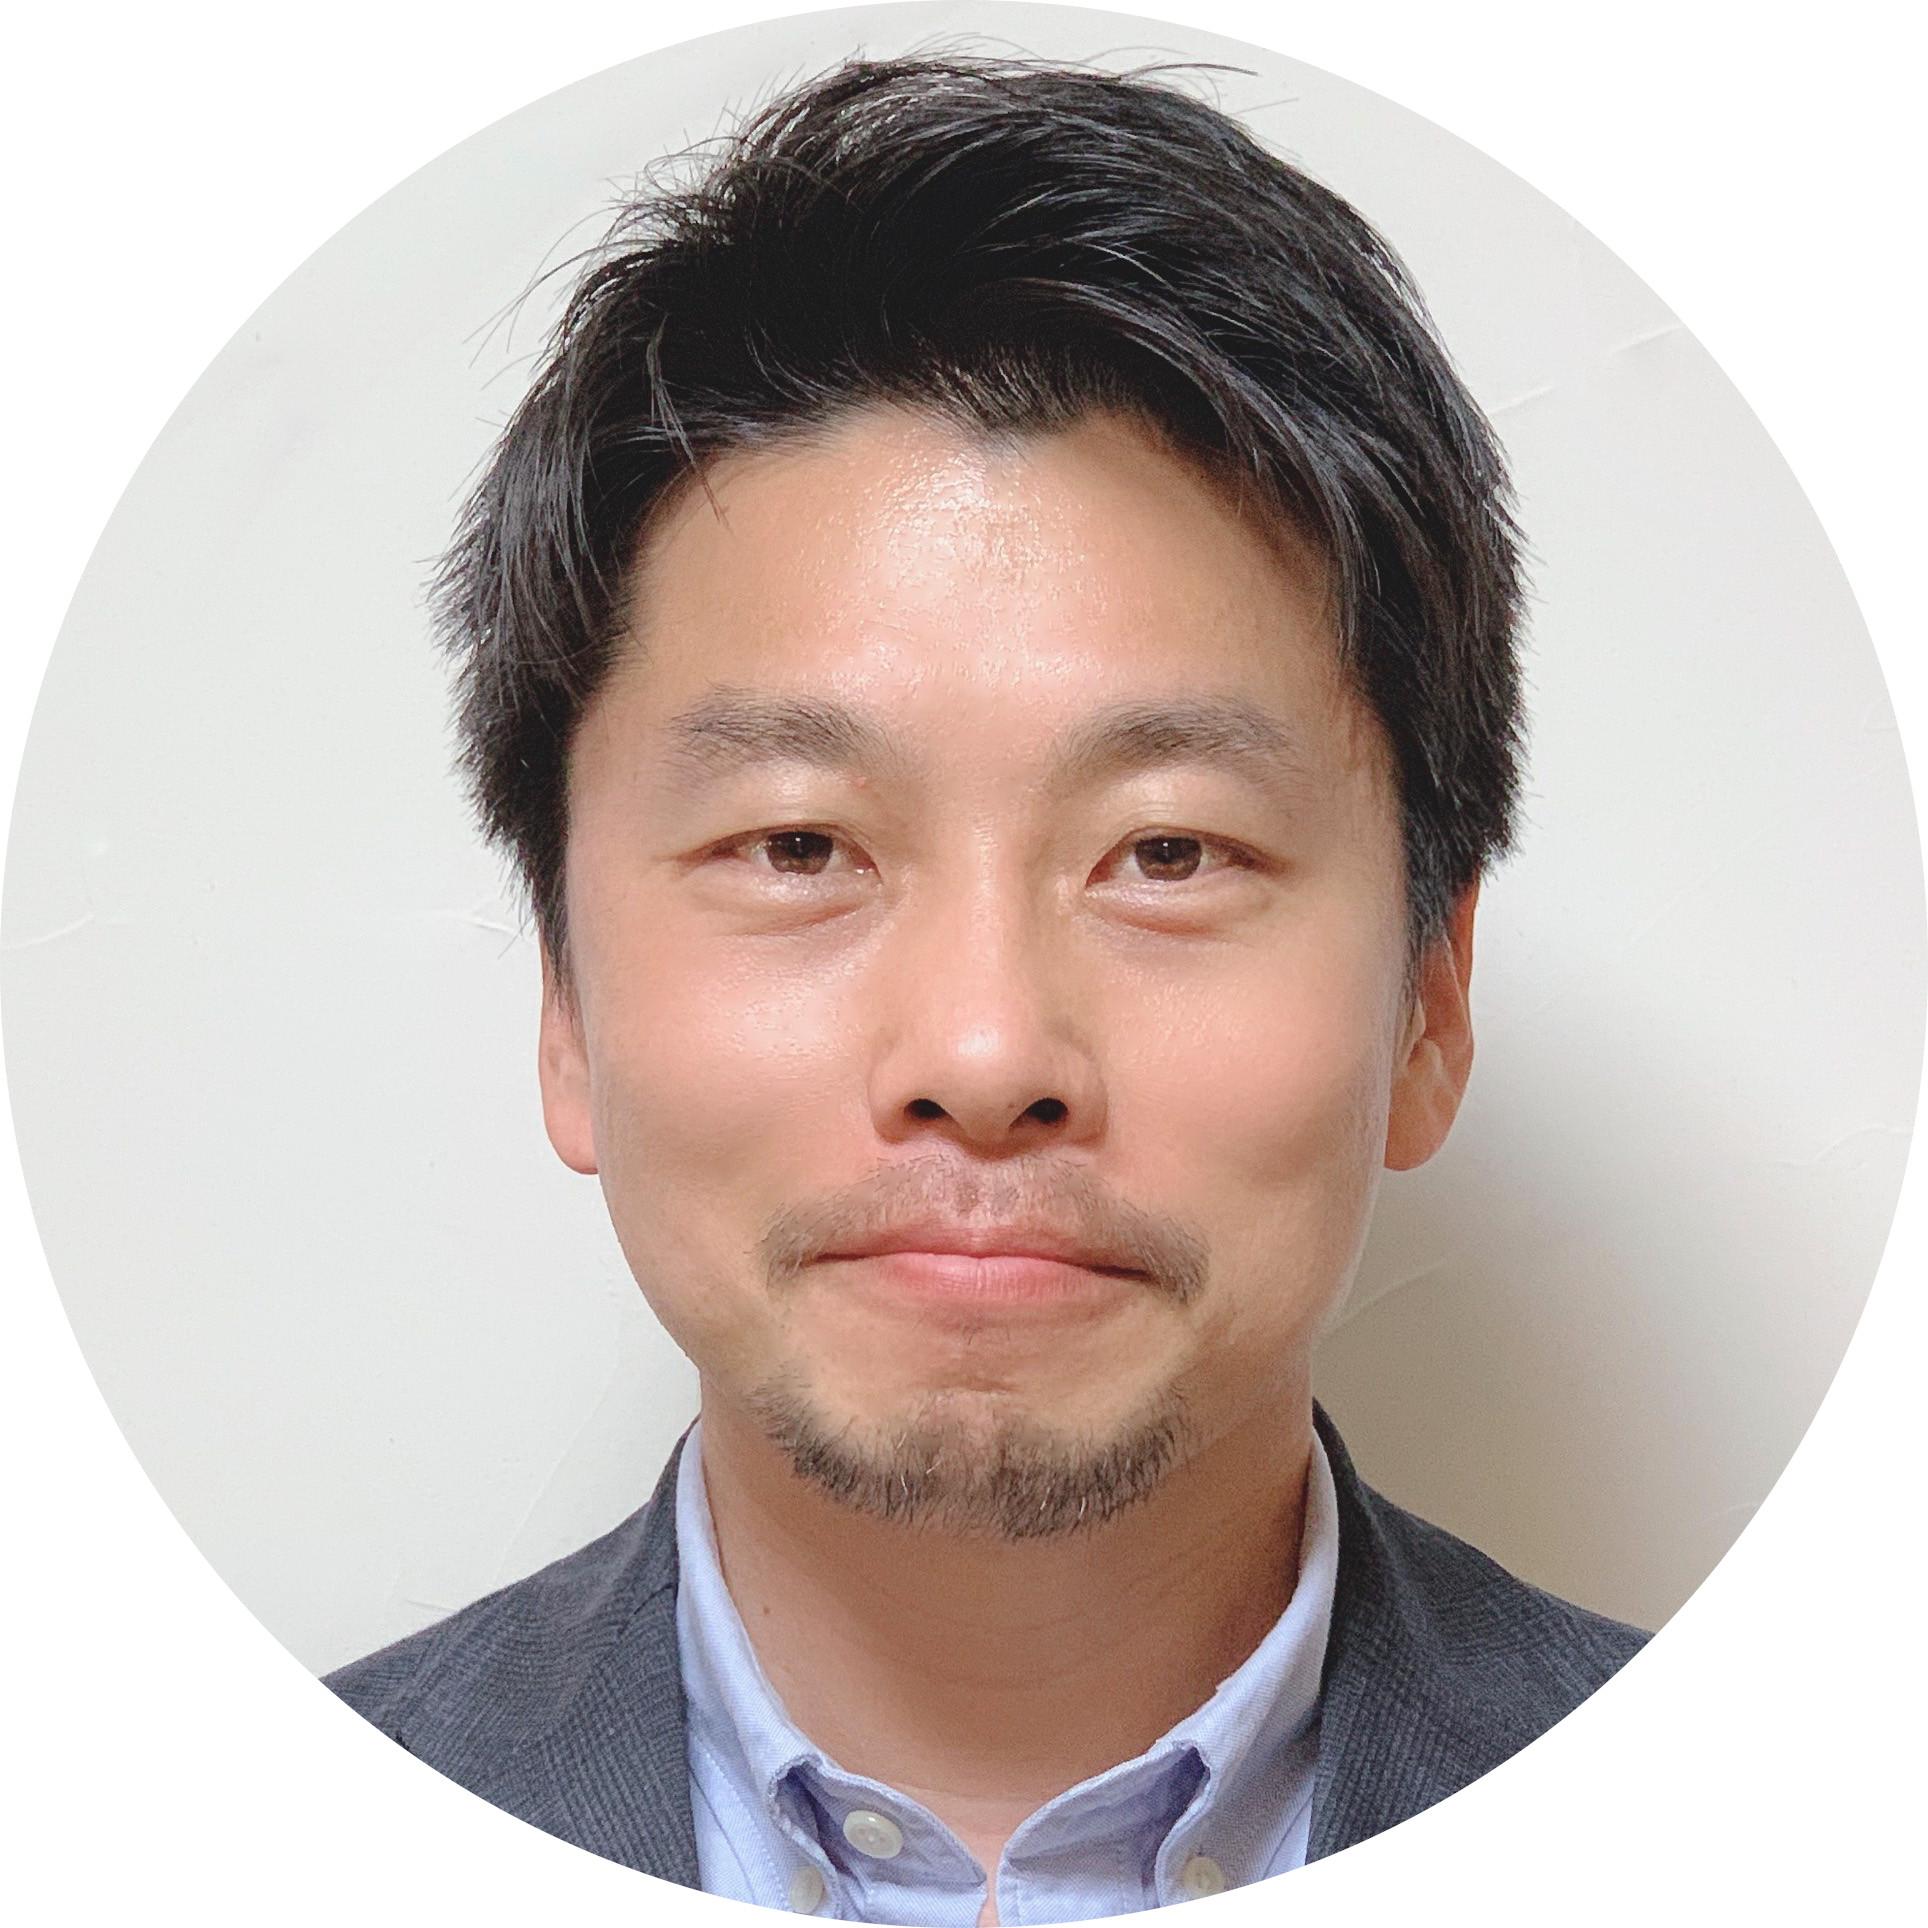 N. Eiji Nawa, PhD